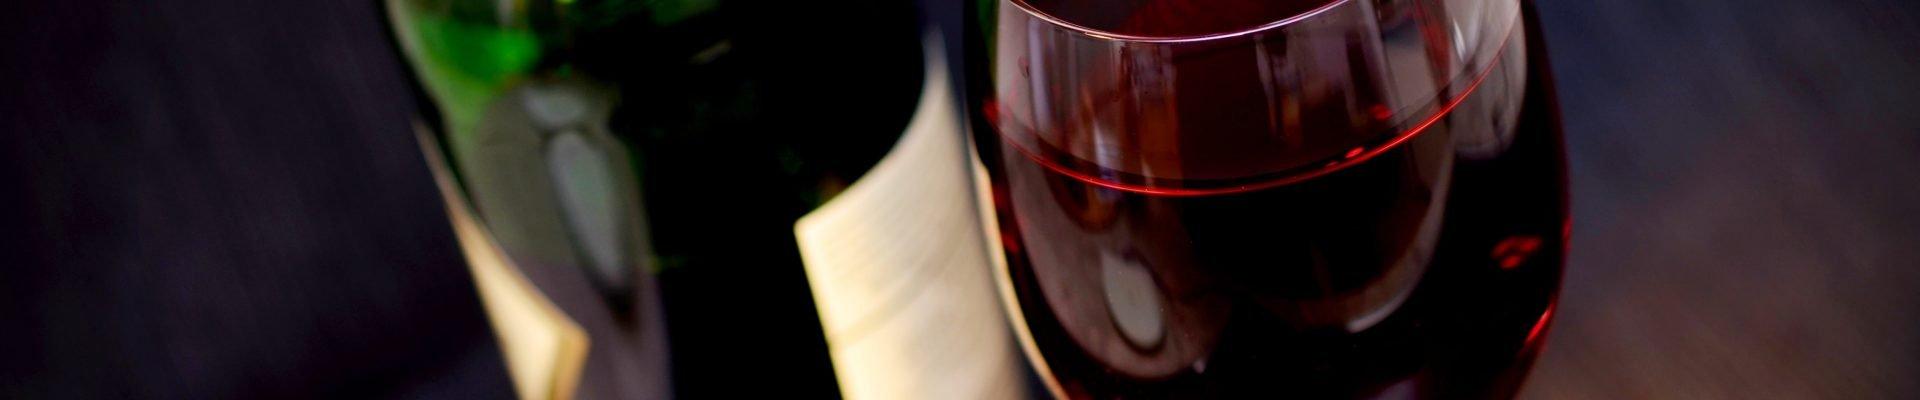 Syrah, i grandi successi di un vino anche italiano